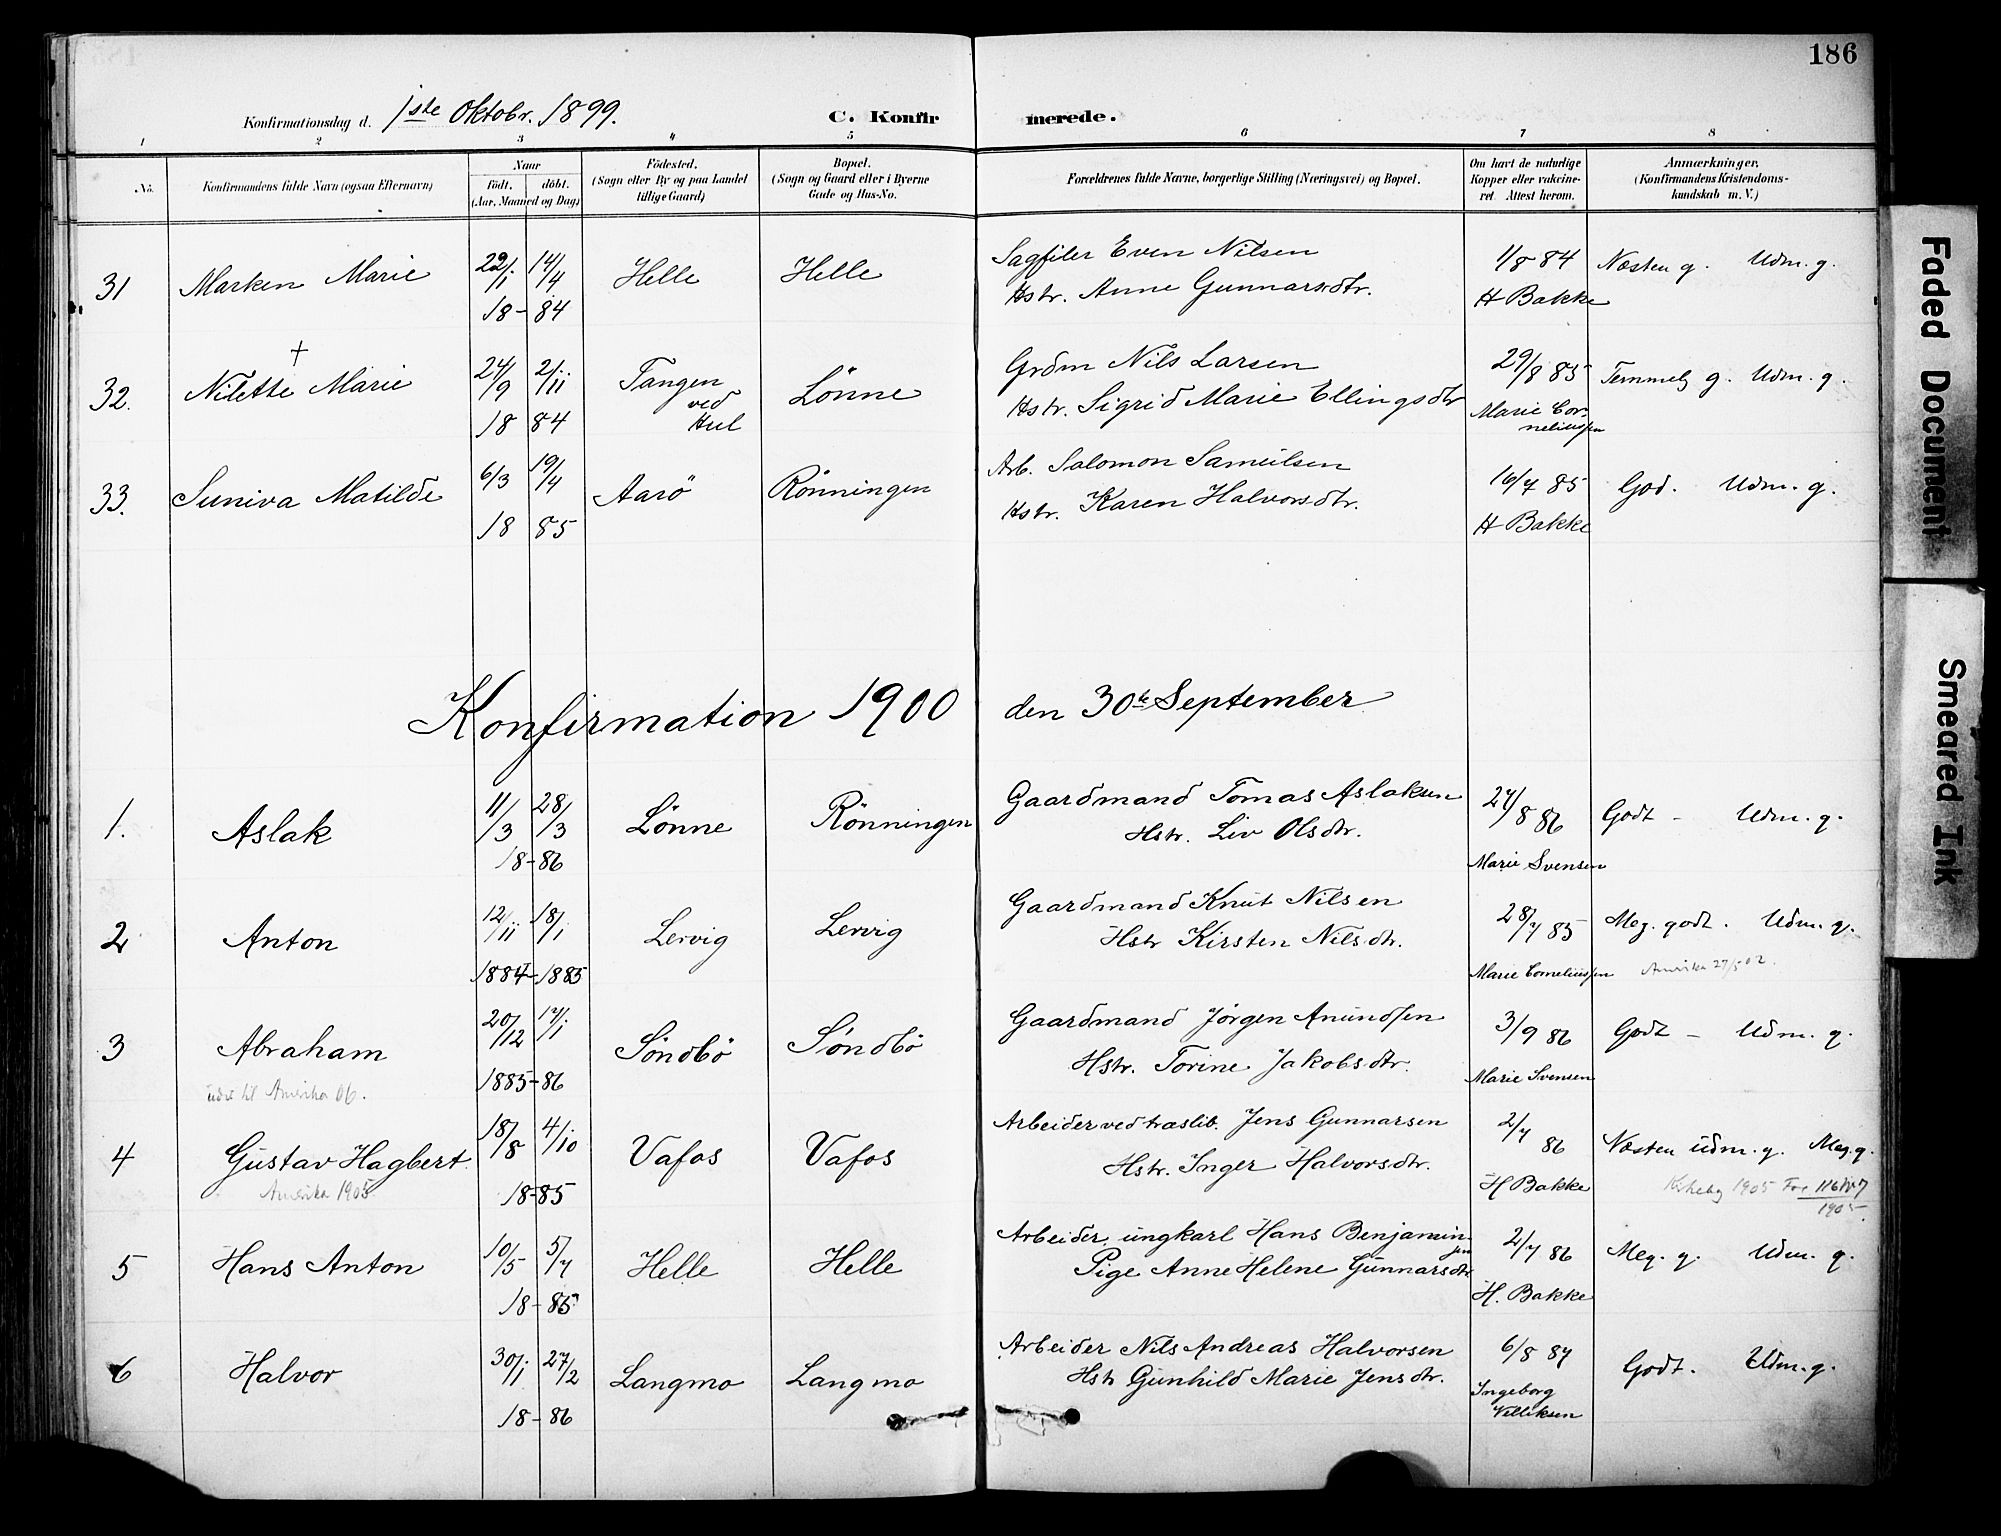 SAKO, Sannidal kirkebøker, F/Fa/L0016: Ministerialbok nr. 16, 1895-1911, s. 186